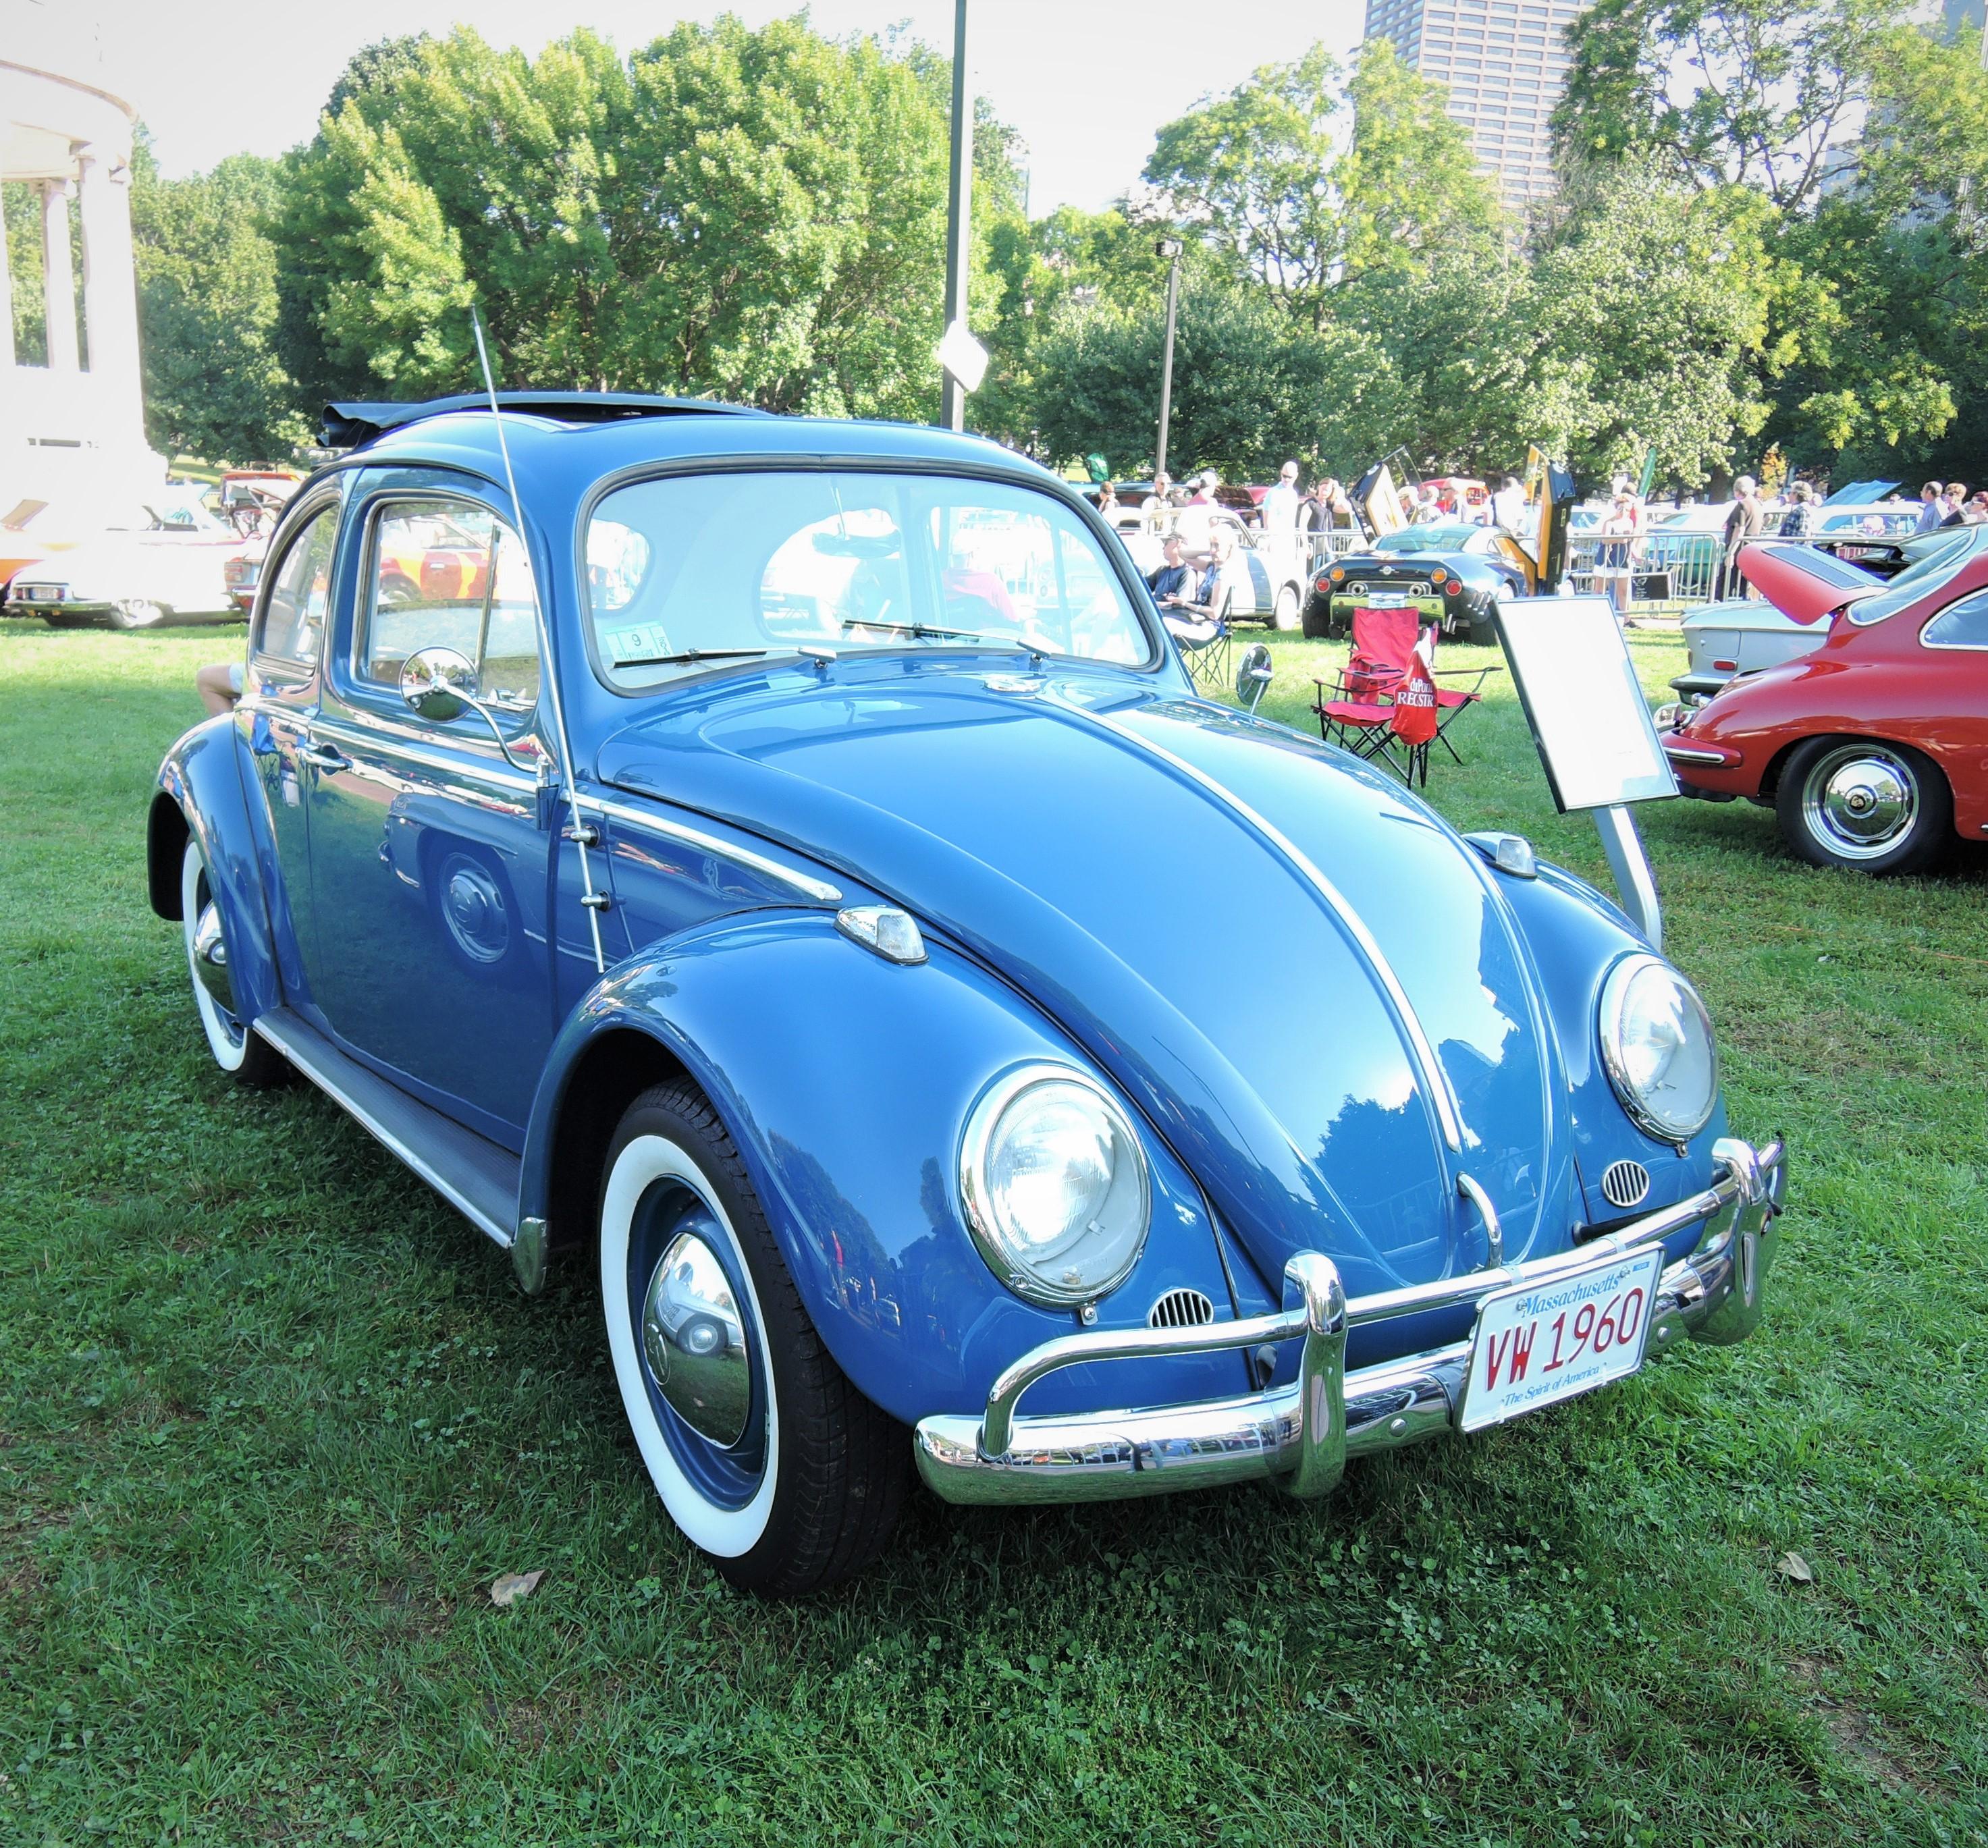 blue 1960 Volkswagen Beetle Sunroof Sedan - The Boston Cup 2017